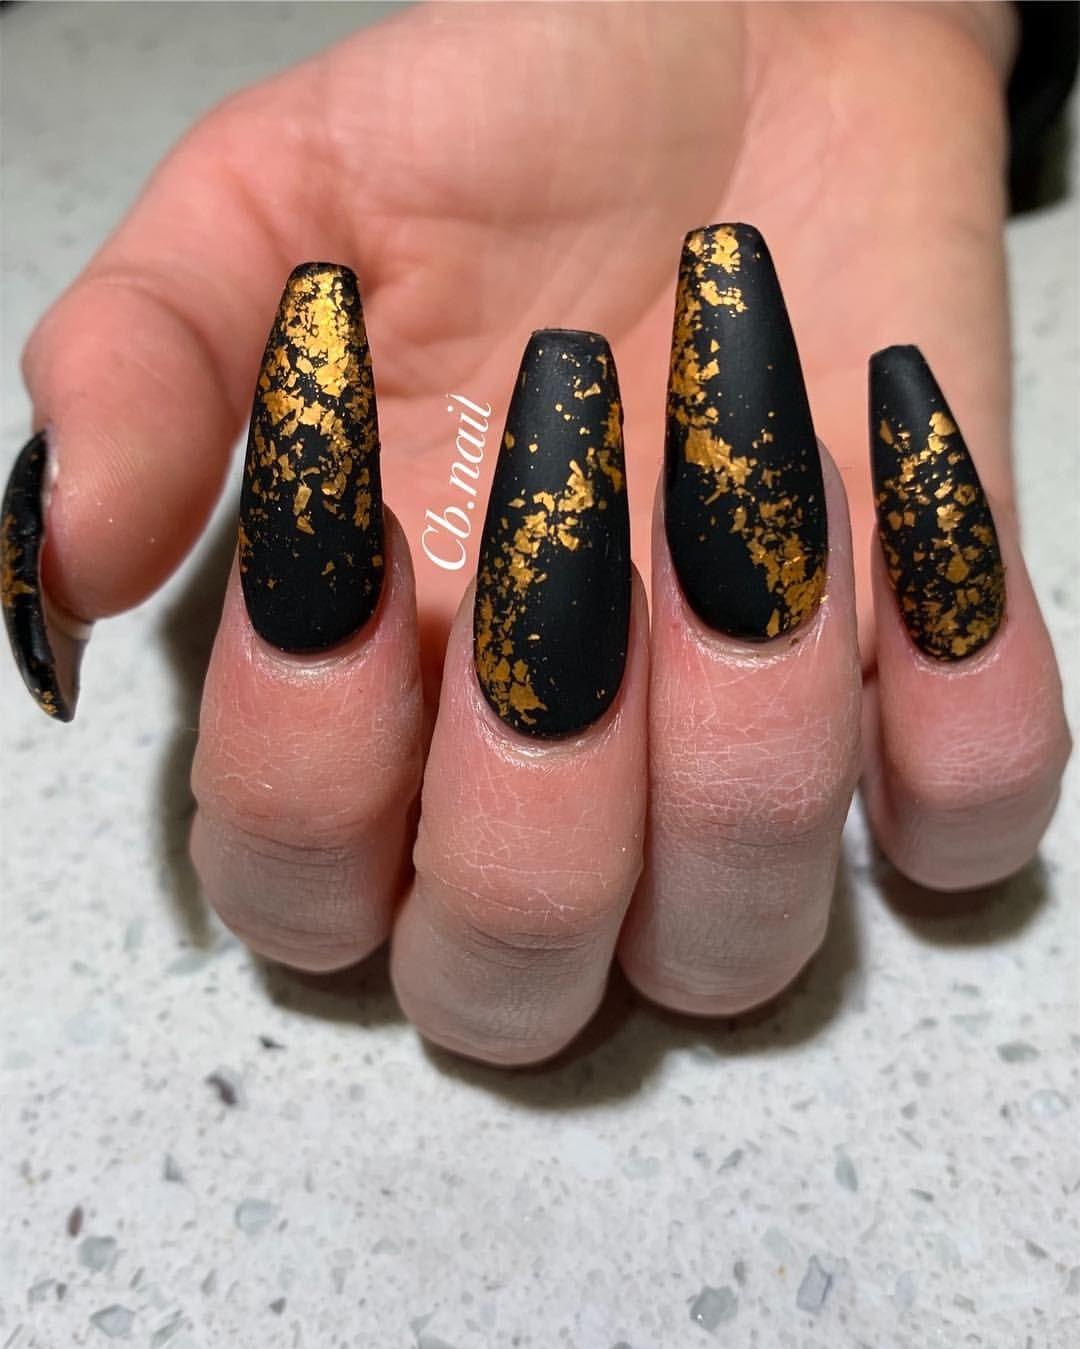 Long Nails Acrylic Nails Black Nails Gold Nails Matte Nails Coffin Nails Nail Art Nail Design G Black Gold Nails Black Acrylic Nails Gold Acrylic Nails